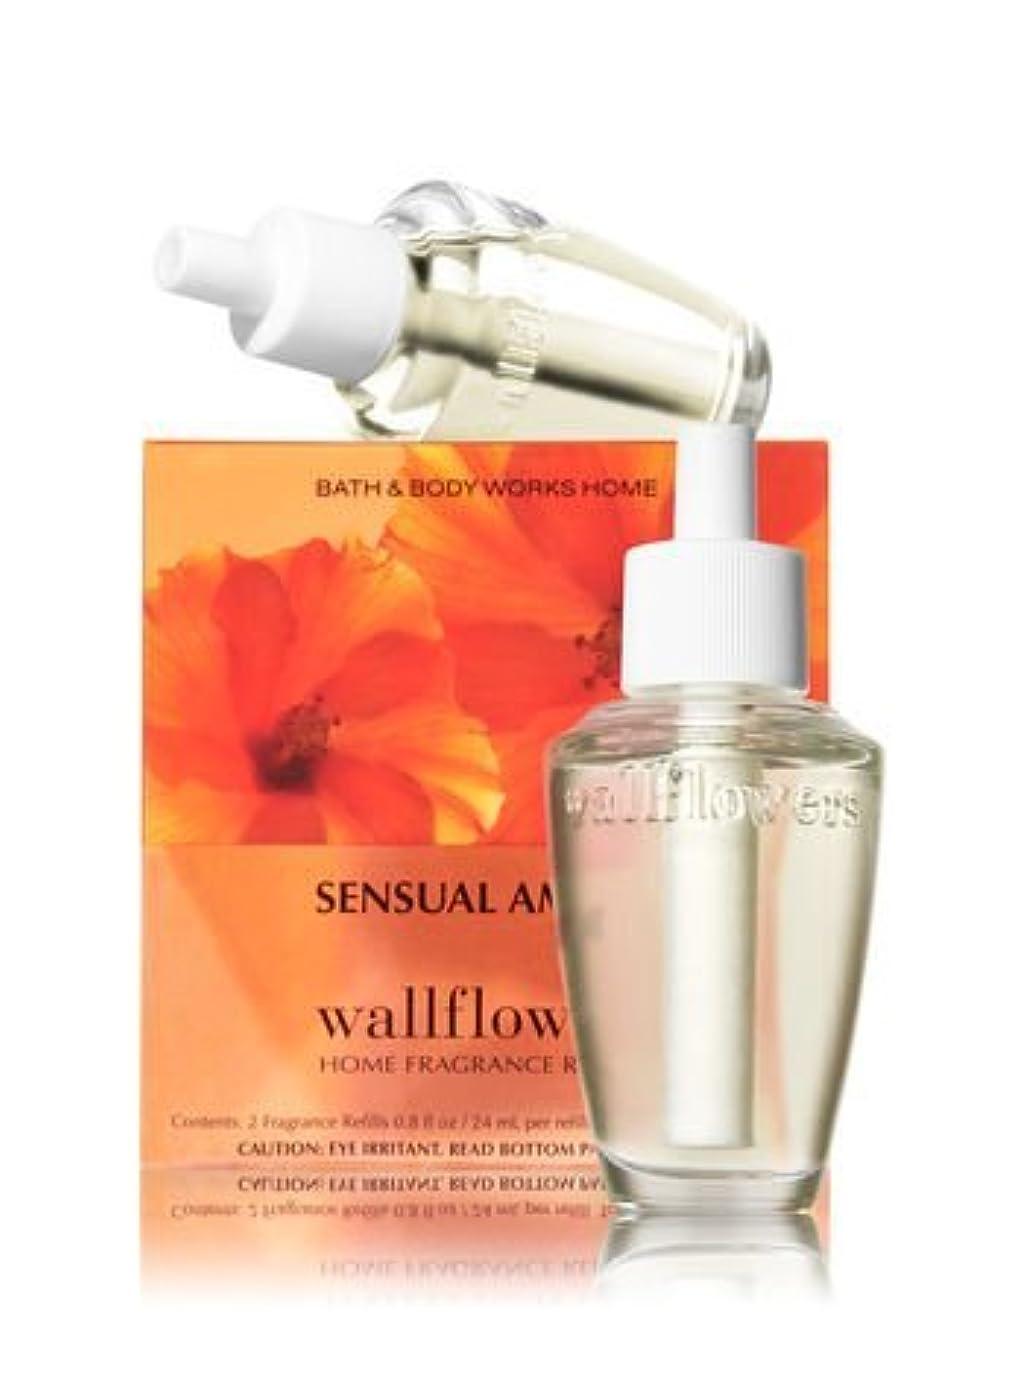 ベーコン無声で尊敬【Bath&Body Works/バス&ボディワークス】 ルームフレグランス 詰替えリフィル(2個入り) センシュアルアンバー Wallflowers Home Fragrance 2-Pack Refills Sensual Amber [並行輸入品]